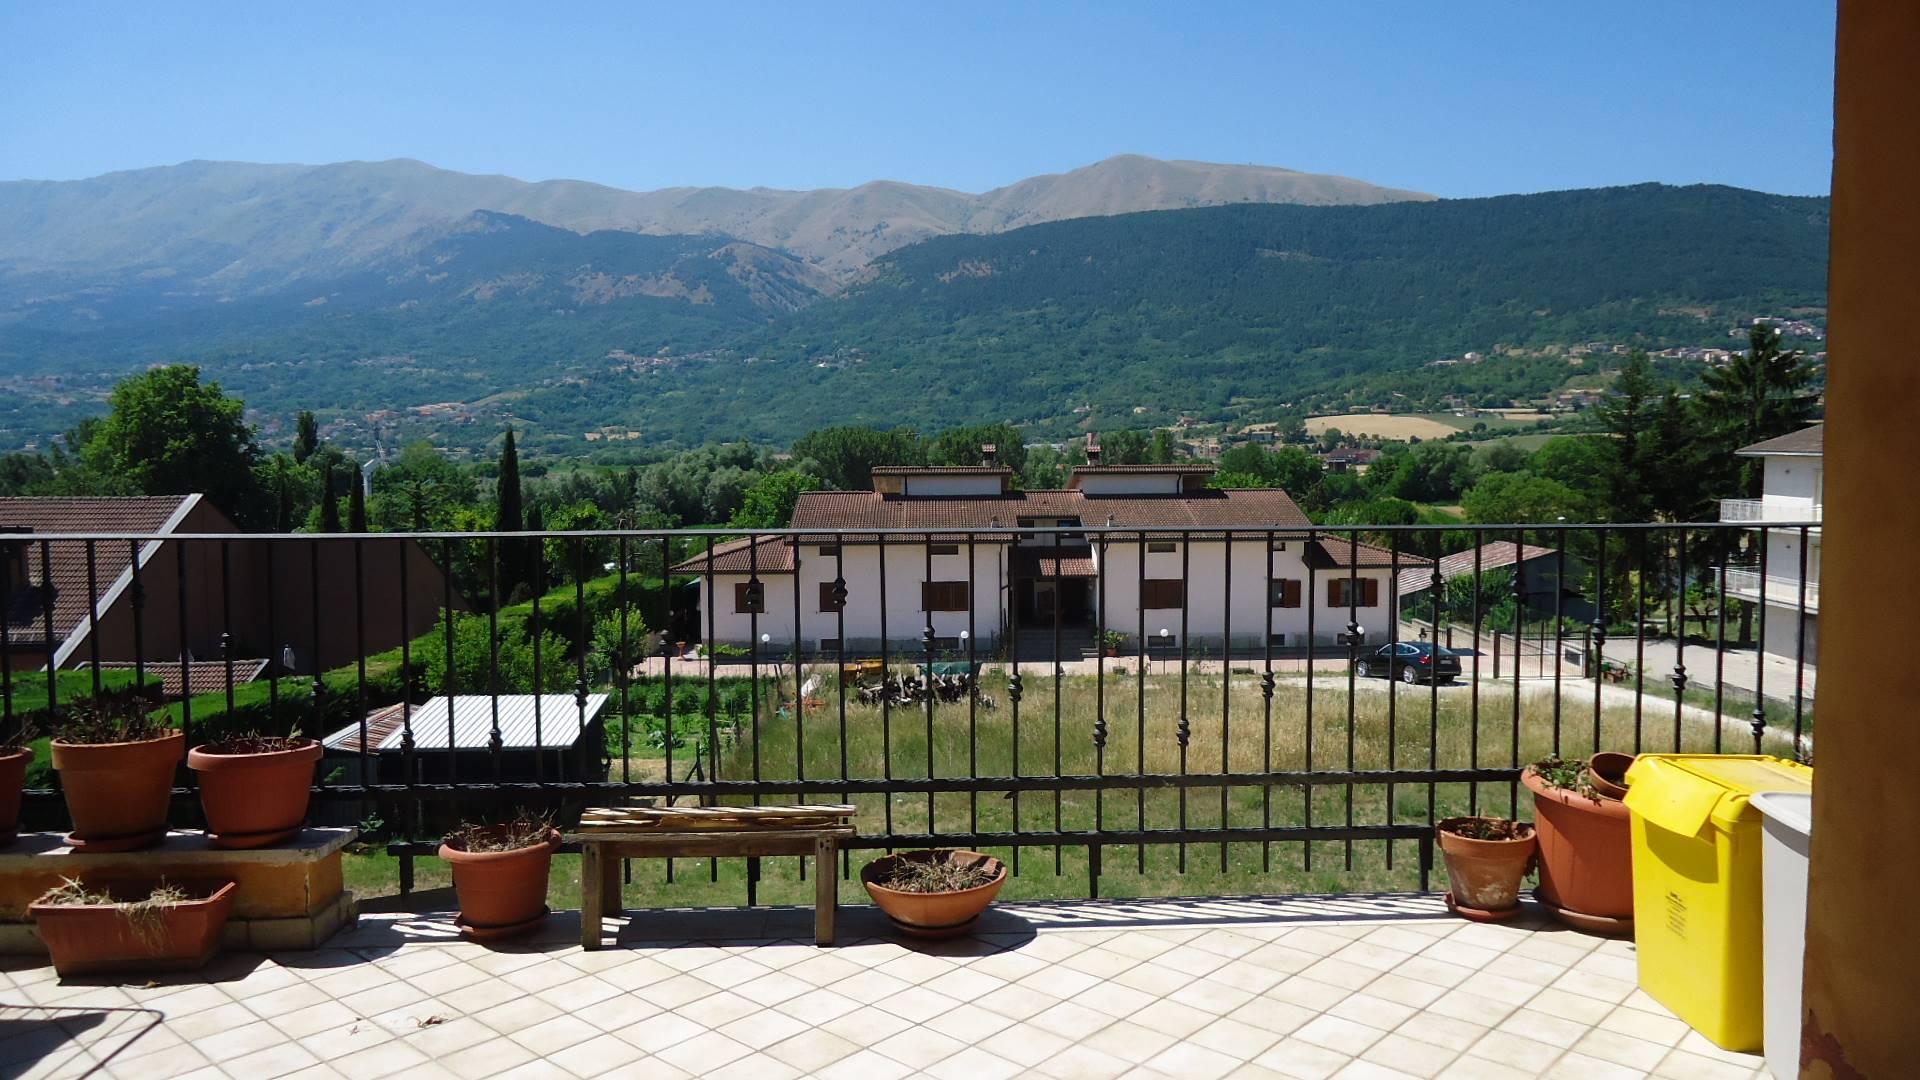 Appartamento in affitto a L'Aquila, 3 locali, zona Località: S.Elia, prezzo € 500   CambioCasa.it